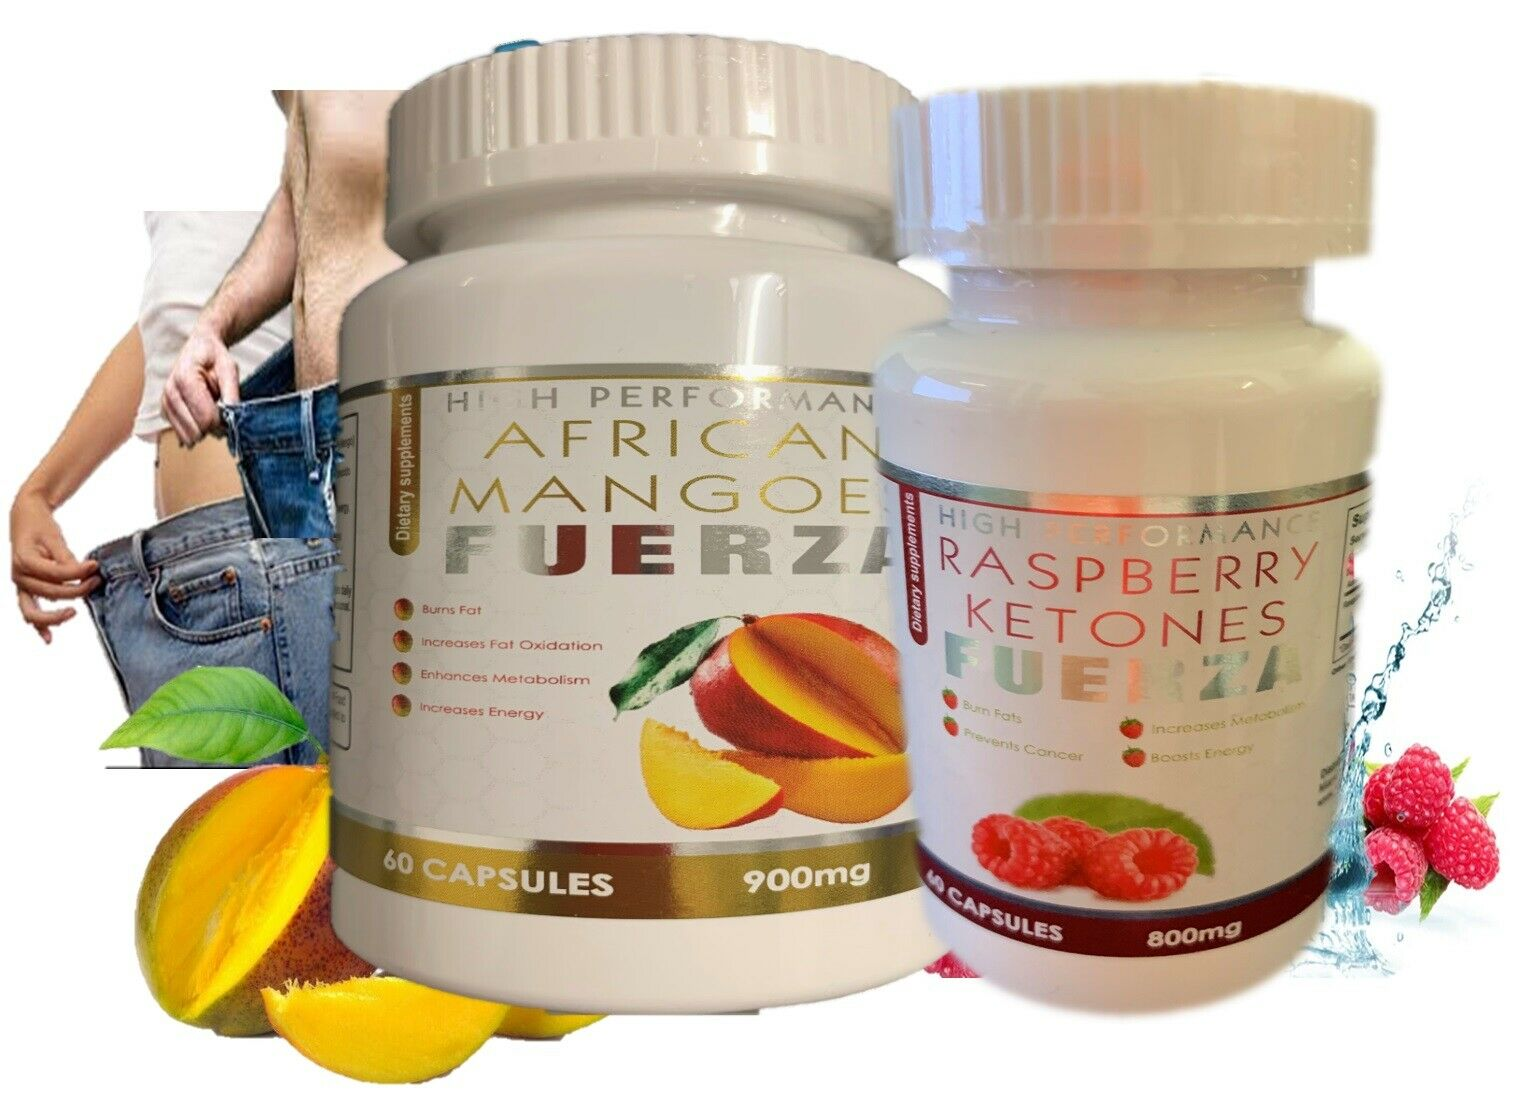 Pastillas para el control de peso y apetito quemadoras de grasa abdominal kit